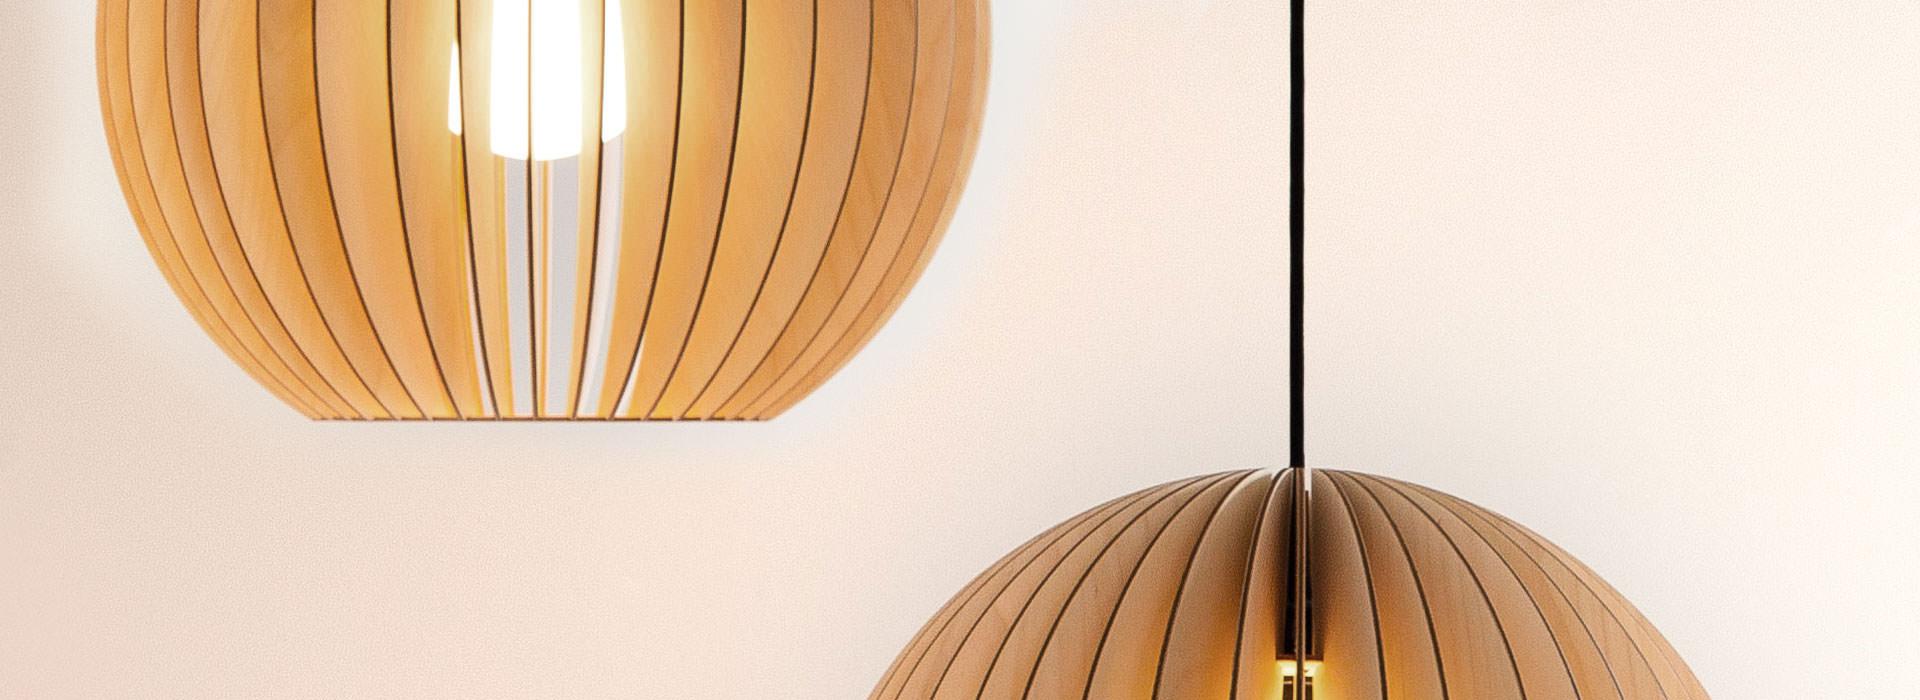 Iumi design lampen aus holz aion40 1920x700 iumi design for Lampen 40 watt